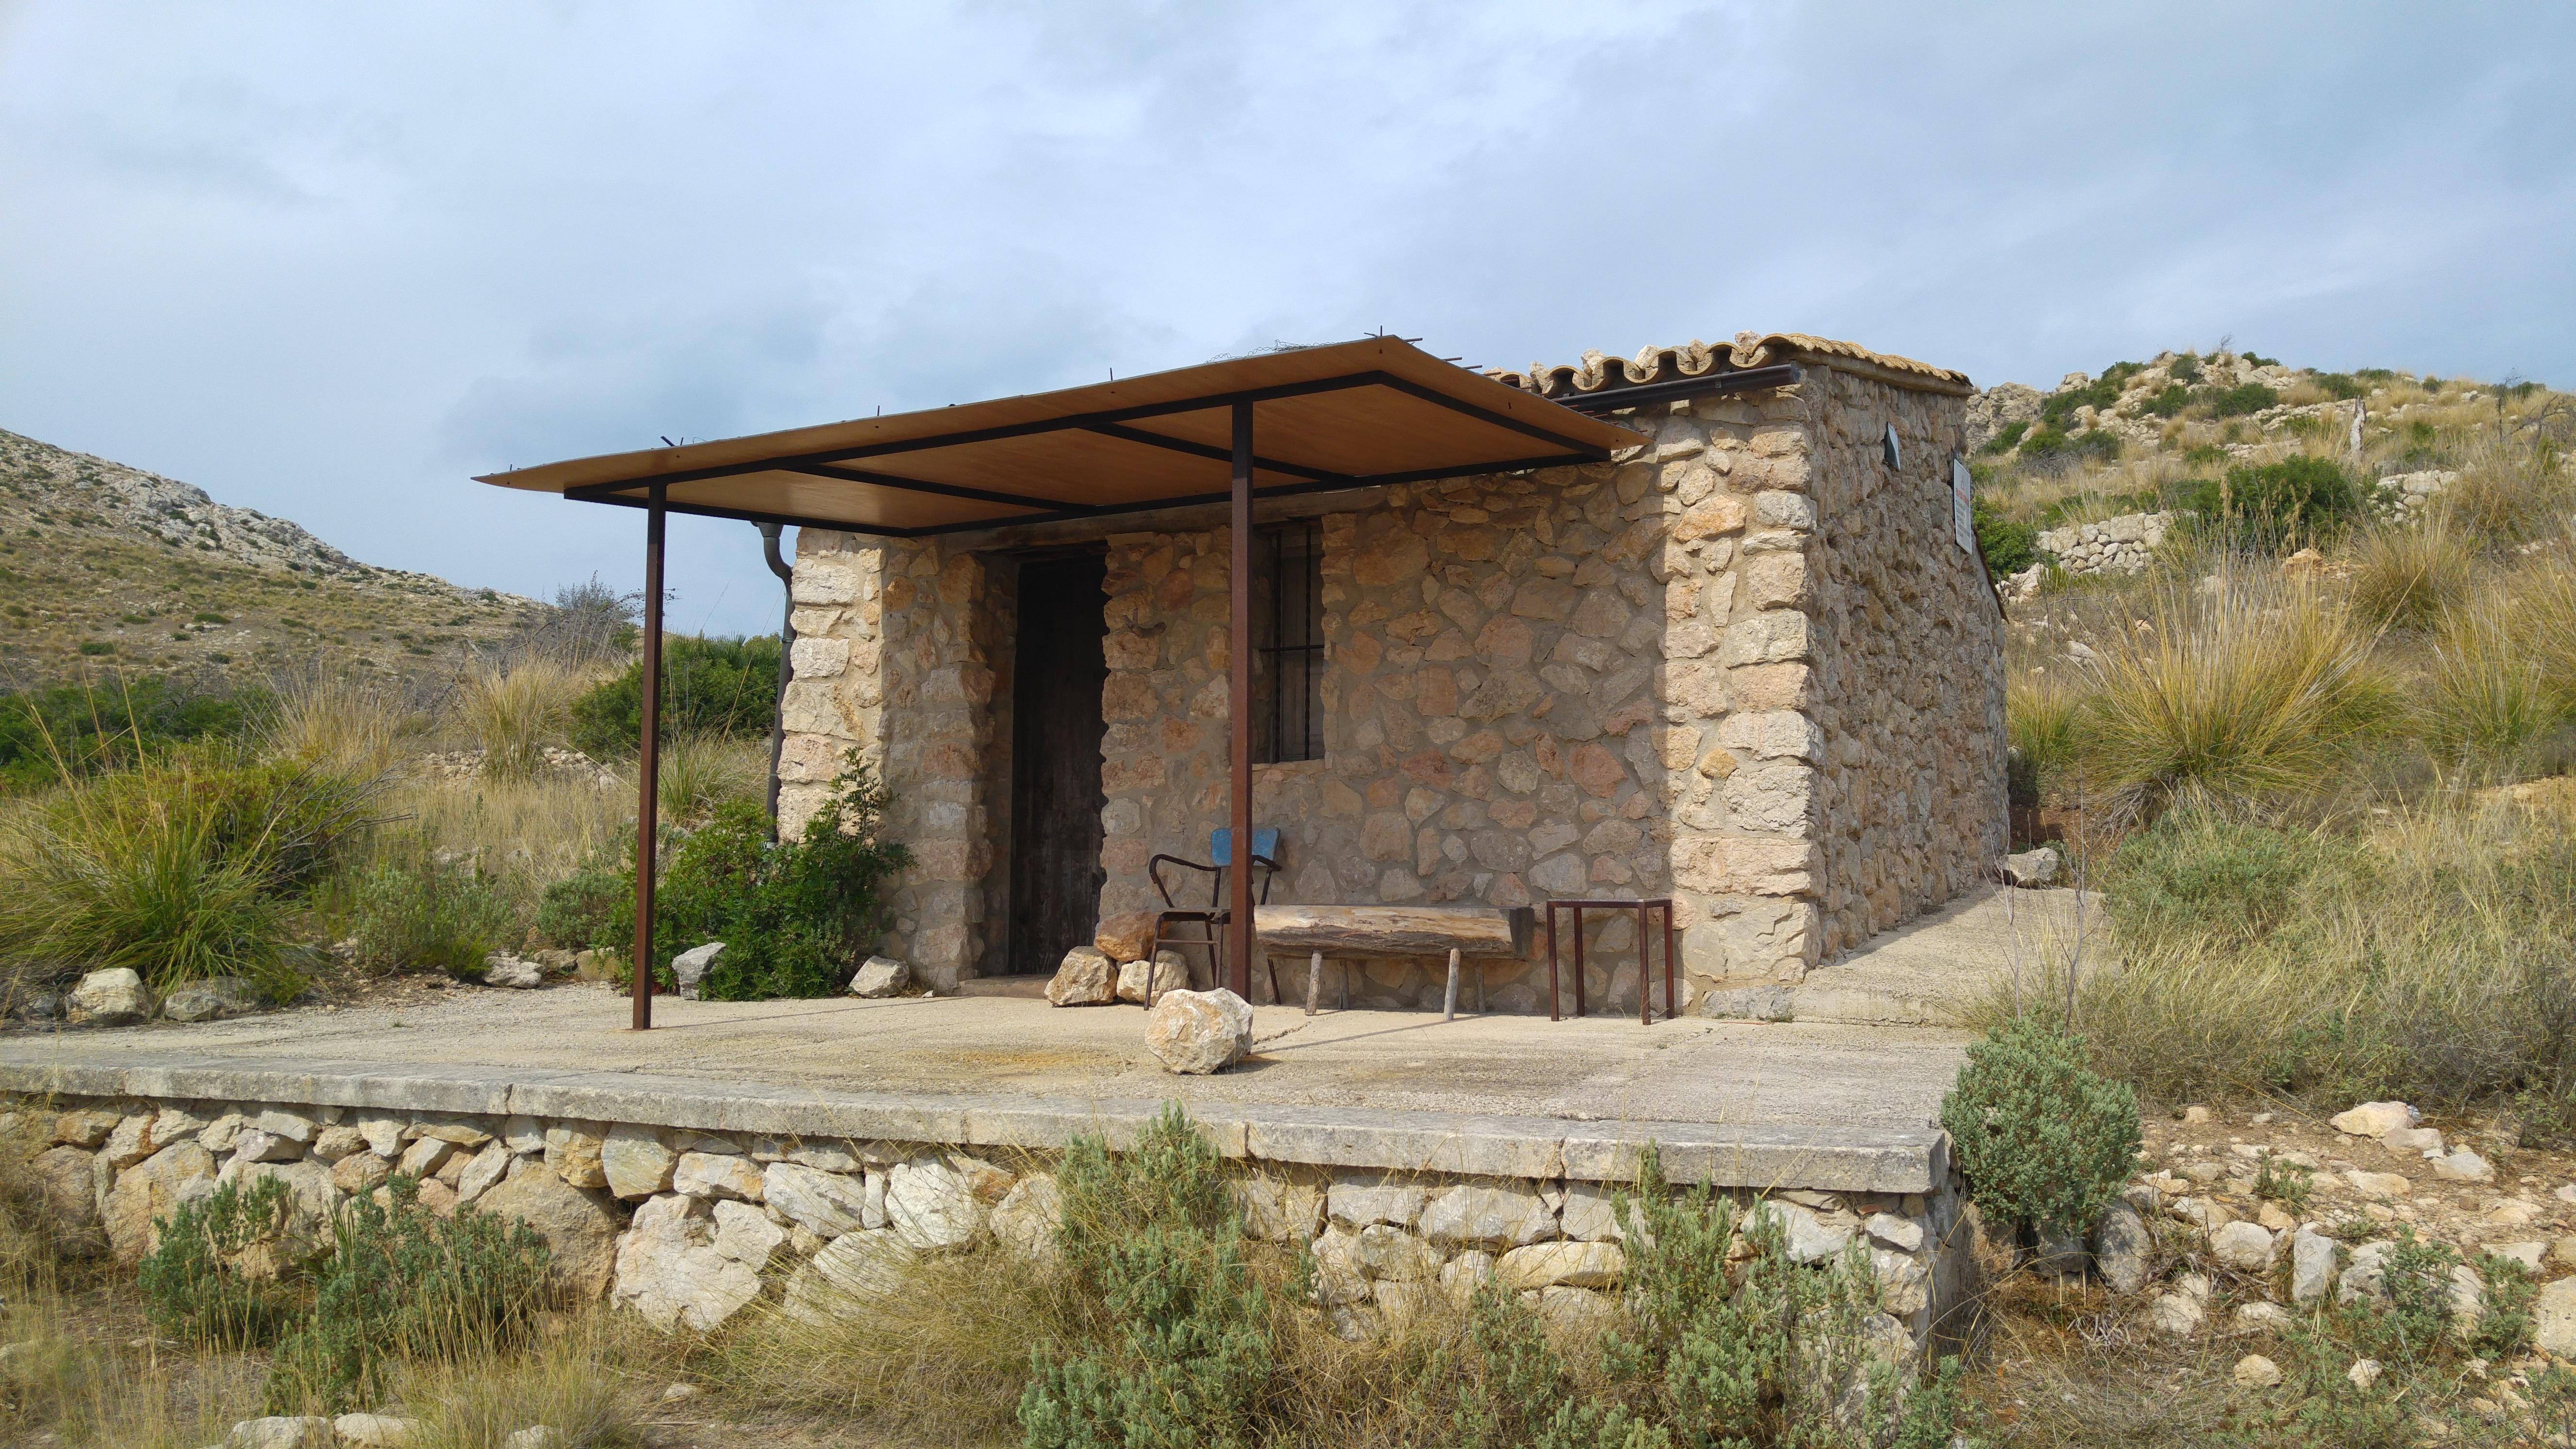 Fotos gratis villa choza pueblo caba a rancho propiedad casa de campo mallorca - Casa de campo mallorca ...